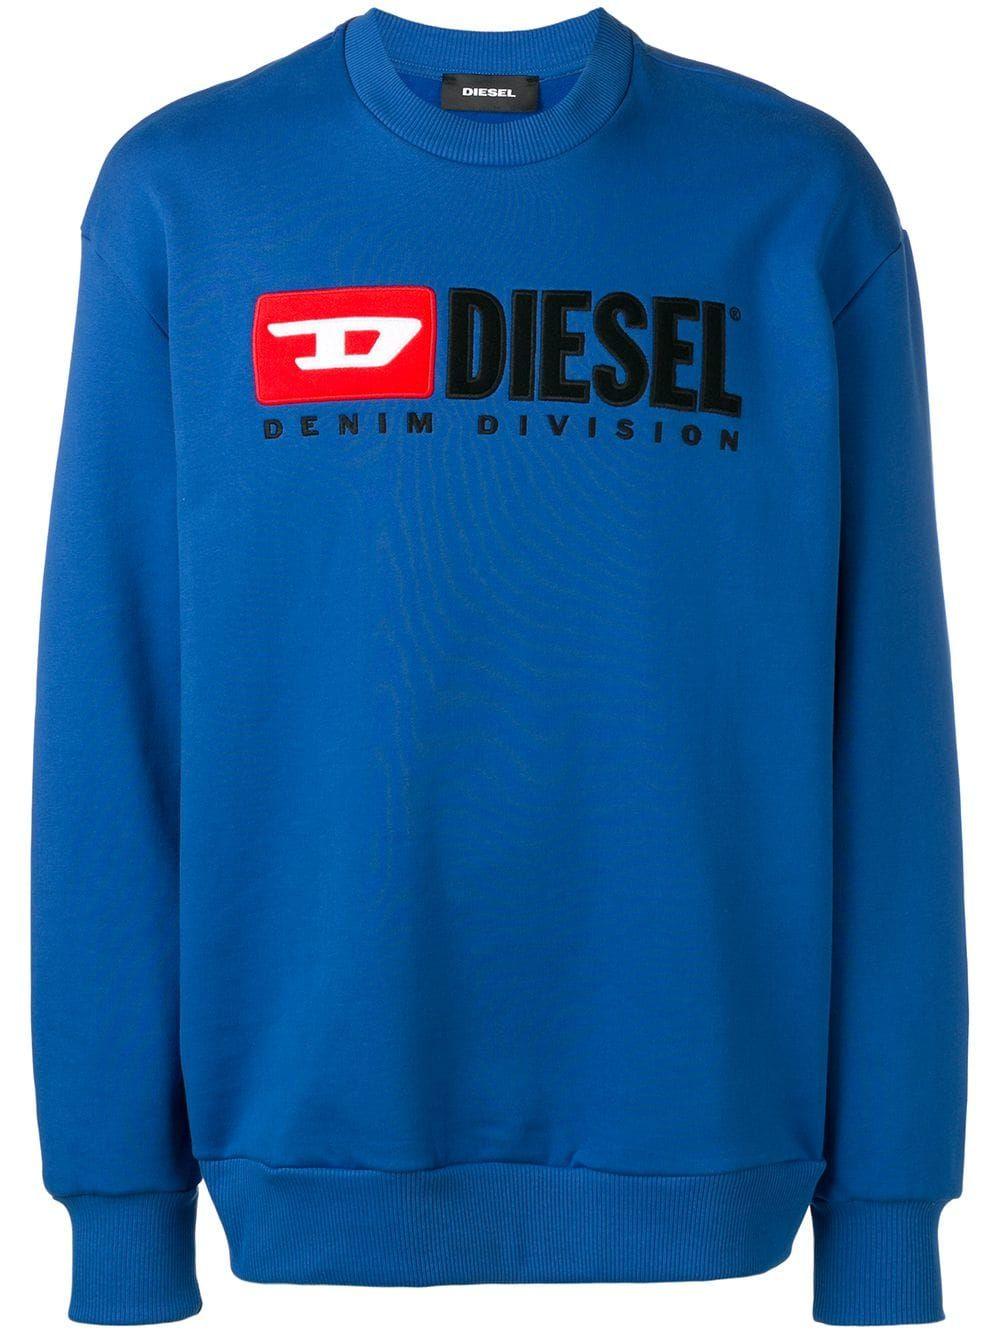 DIESEL DIESEL LOGO PATCH SWEATSHIRT BLUE. diesel cloth